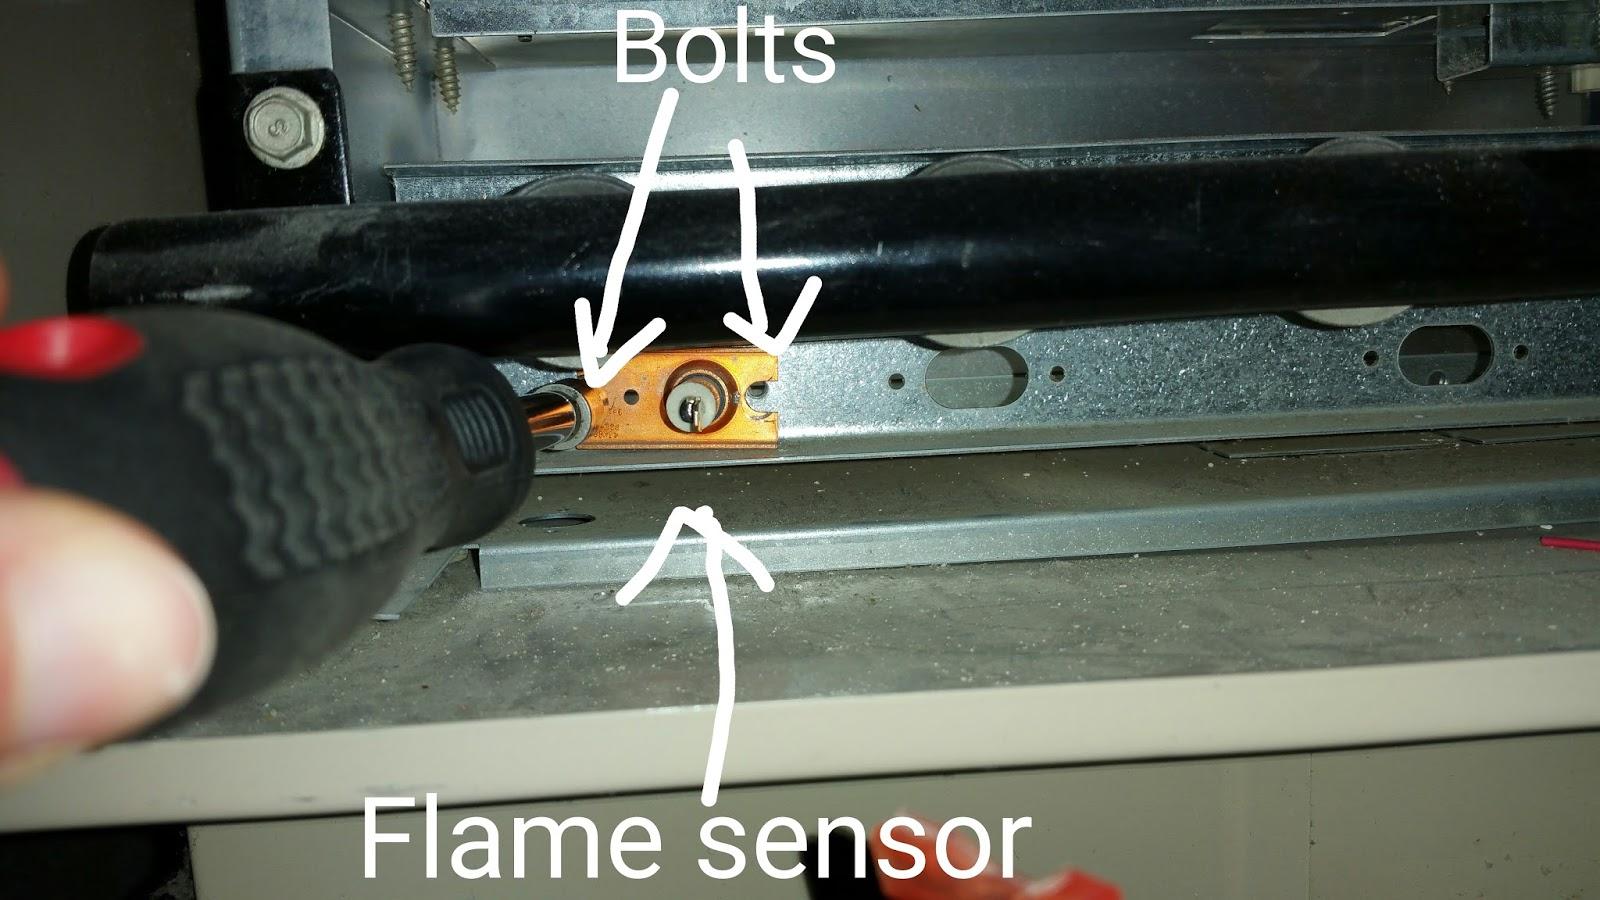 Keen Koala How To Clean The Flame Sensor On A Lennox Furnace